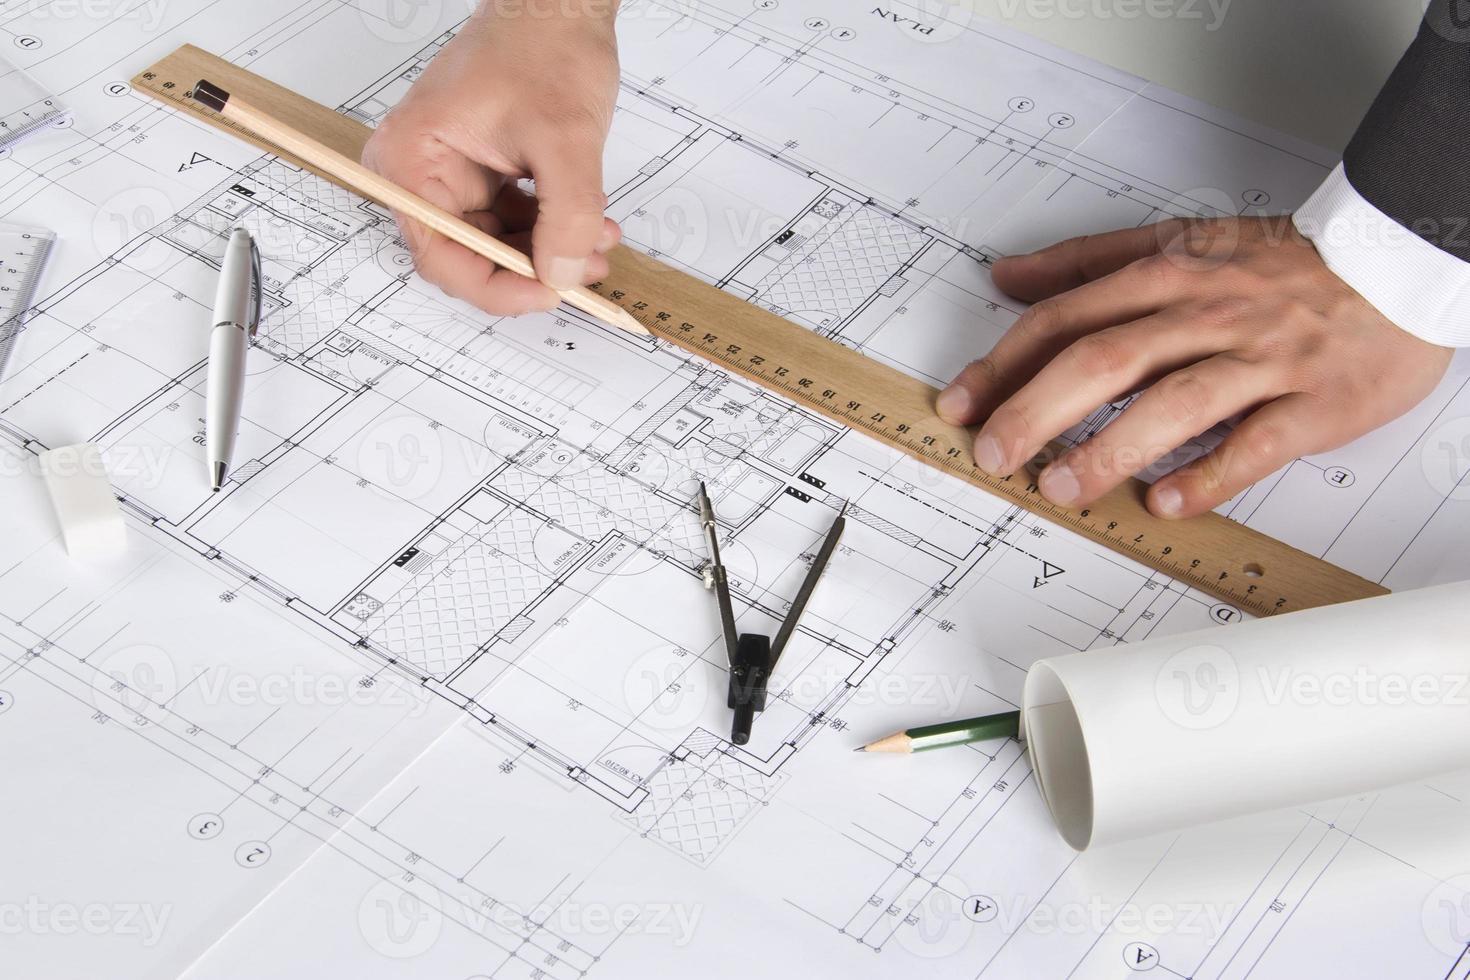 architecte travaillant sur des plans architecturaux photo